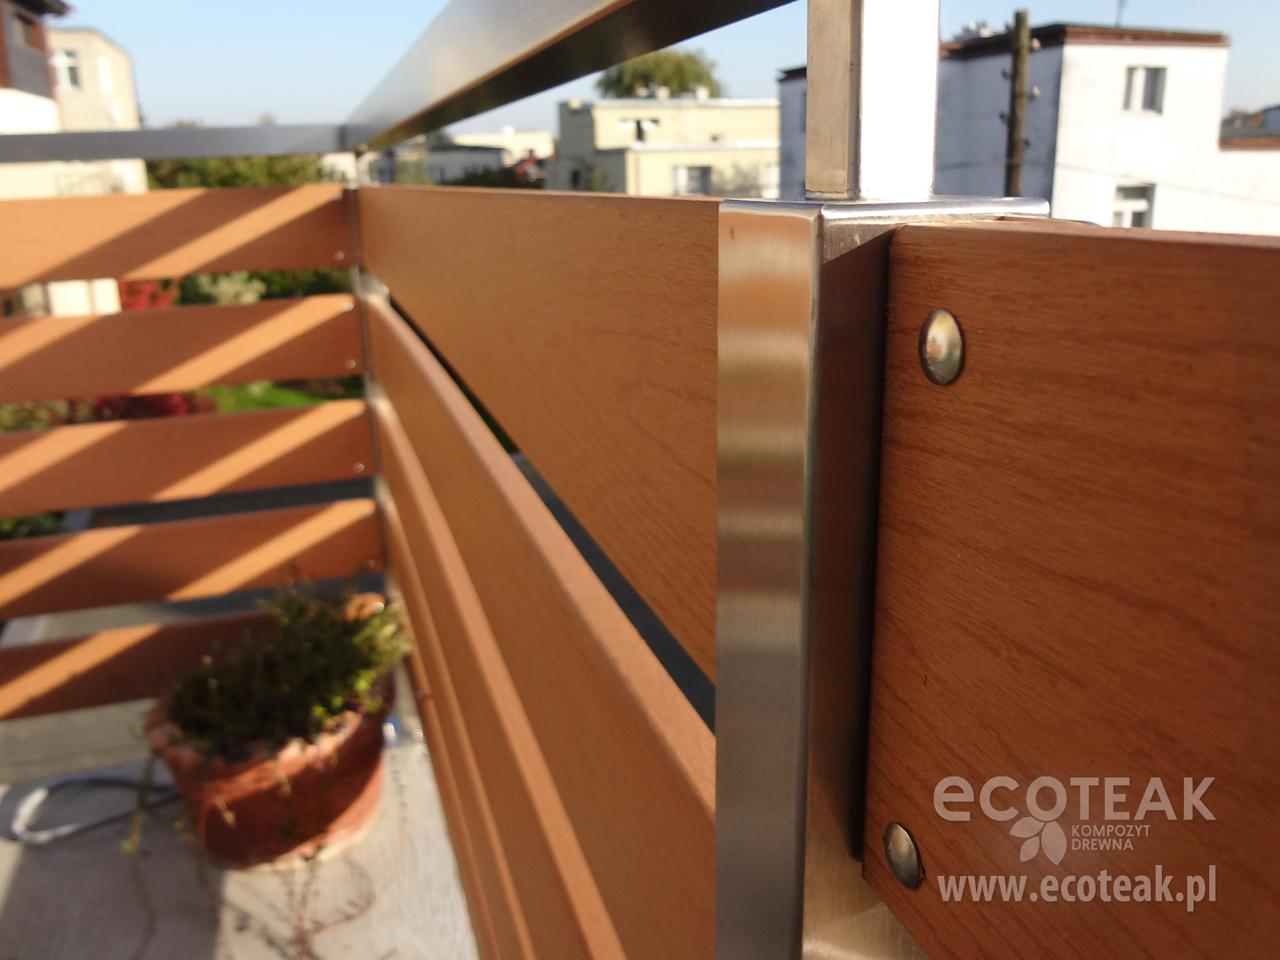 Młodzieńczy Ogrodzenia i balustrady z Kompozytu Drewna EcoTeak - EcoTeak PU97